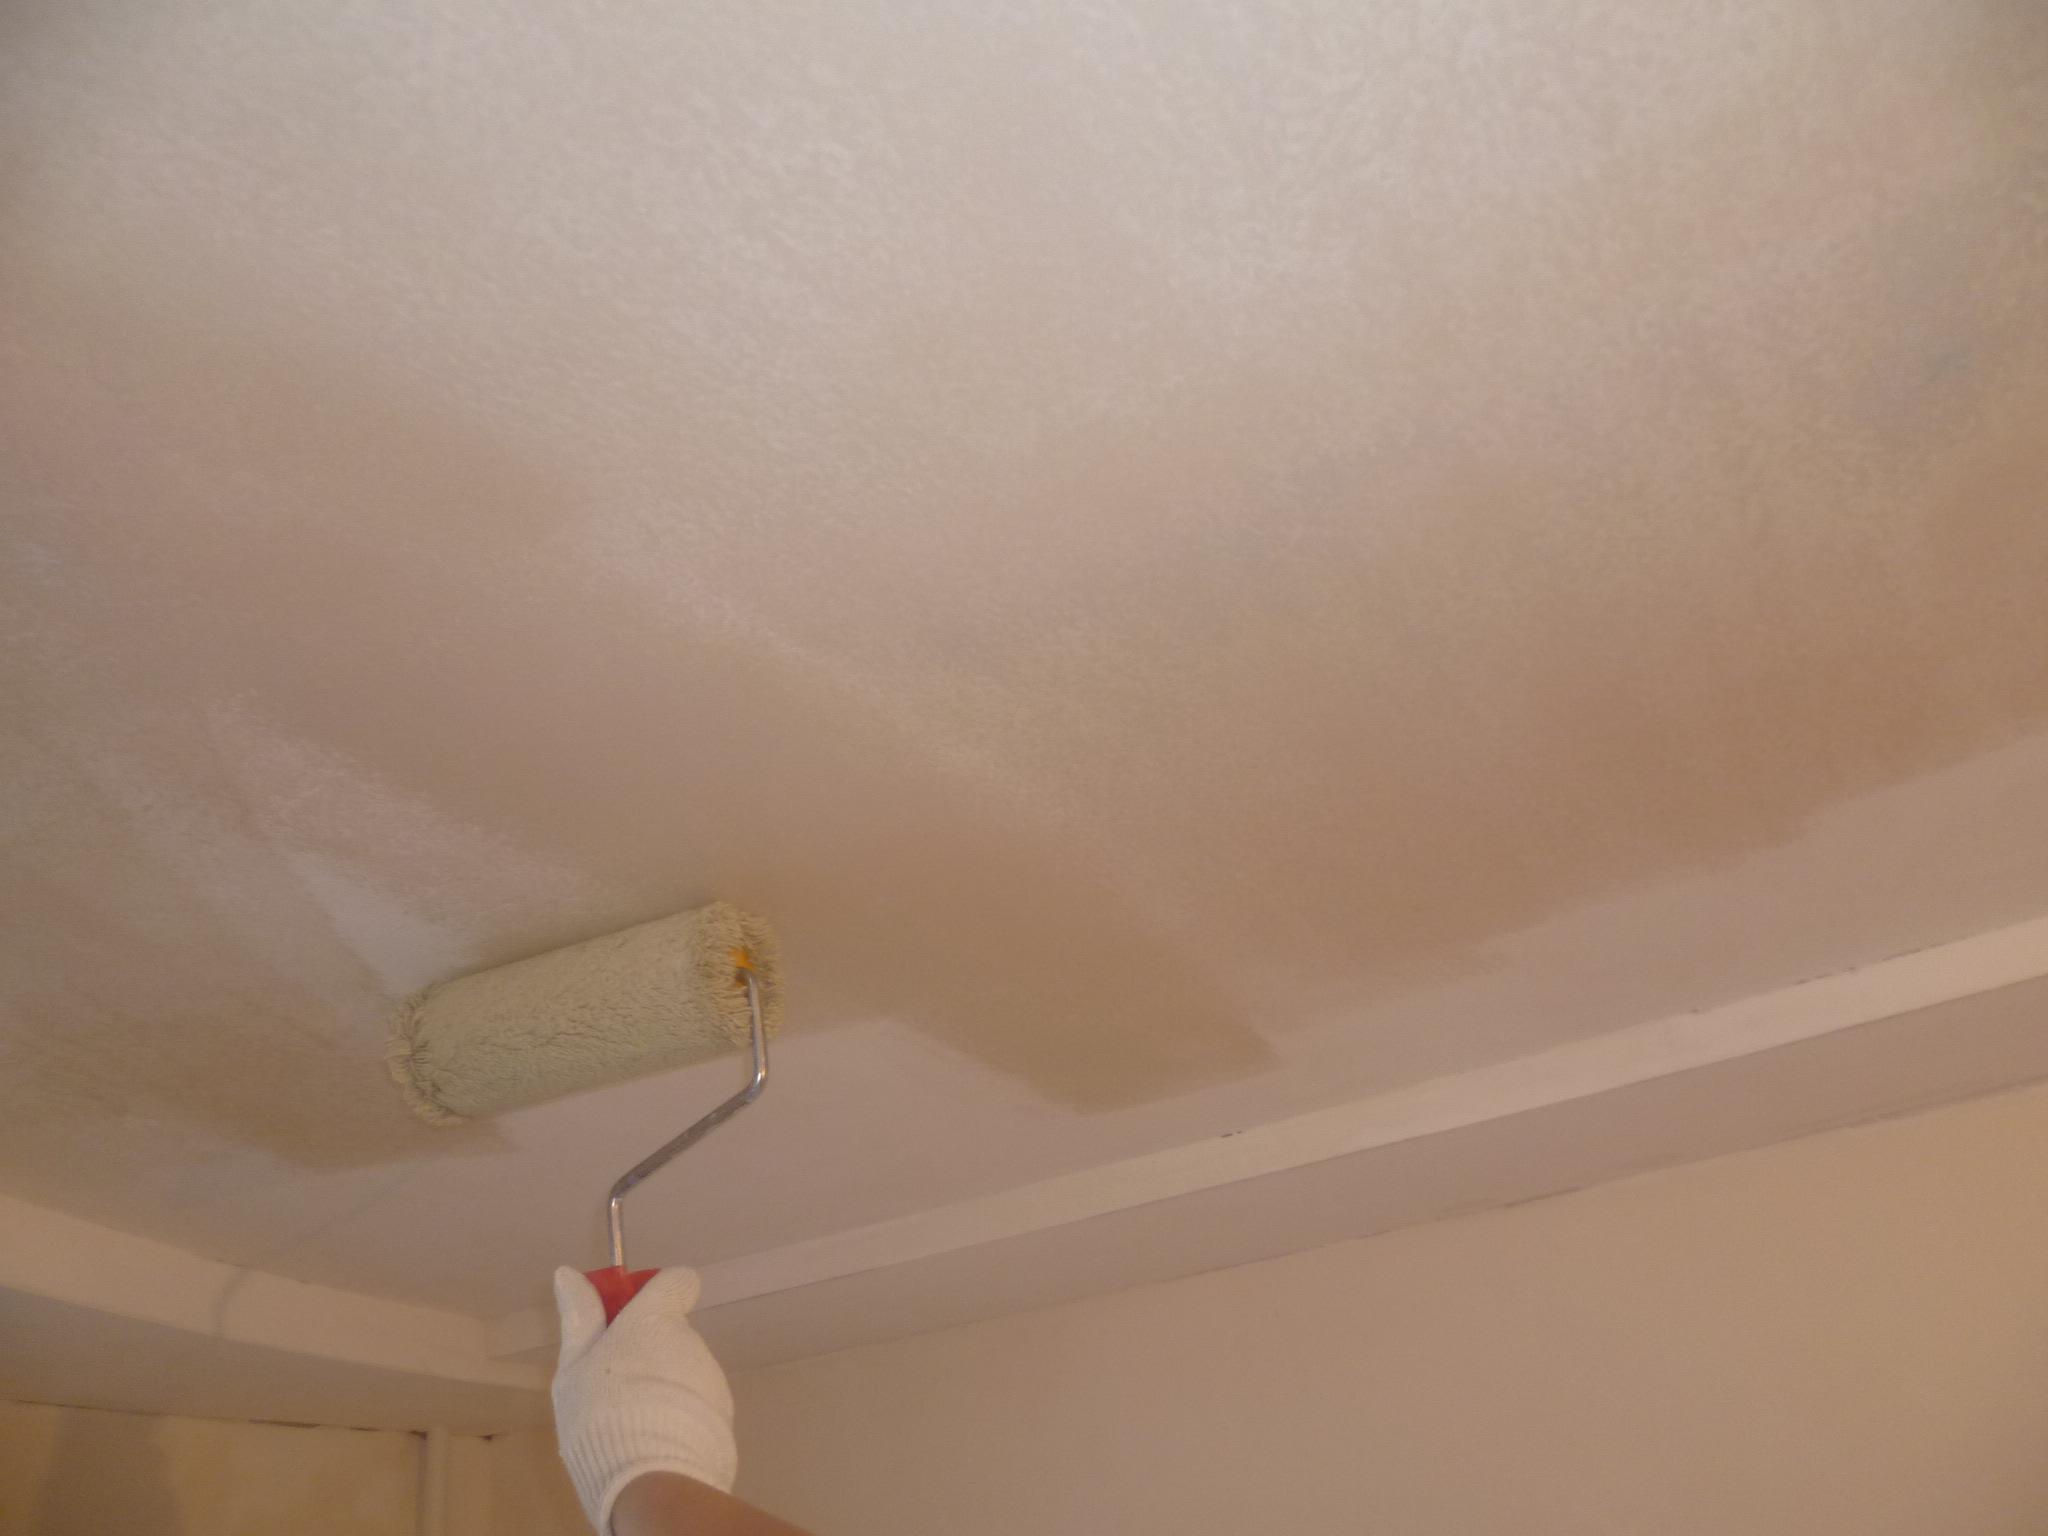 Сколько надо краски для покраски потолка 15 кв.м наливные полы видео обучение